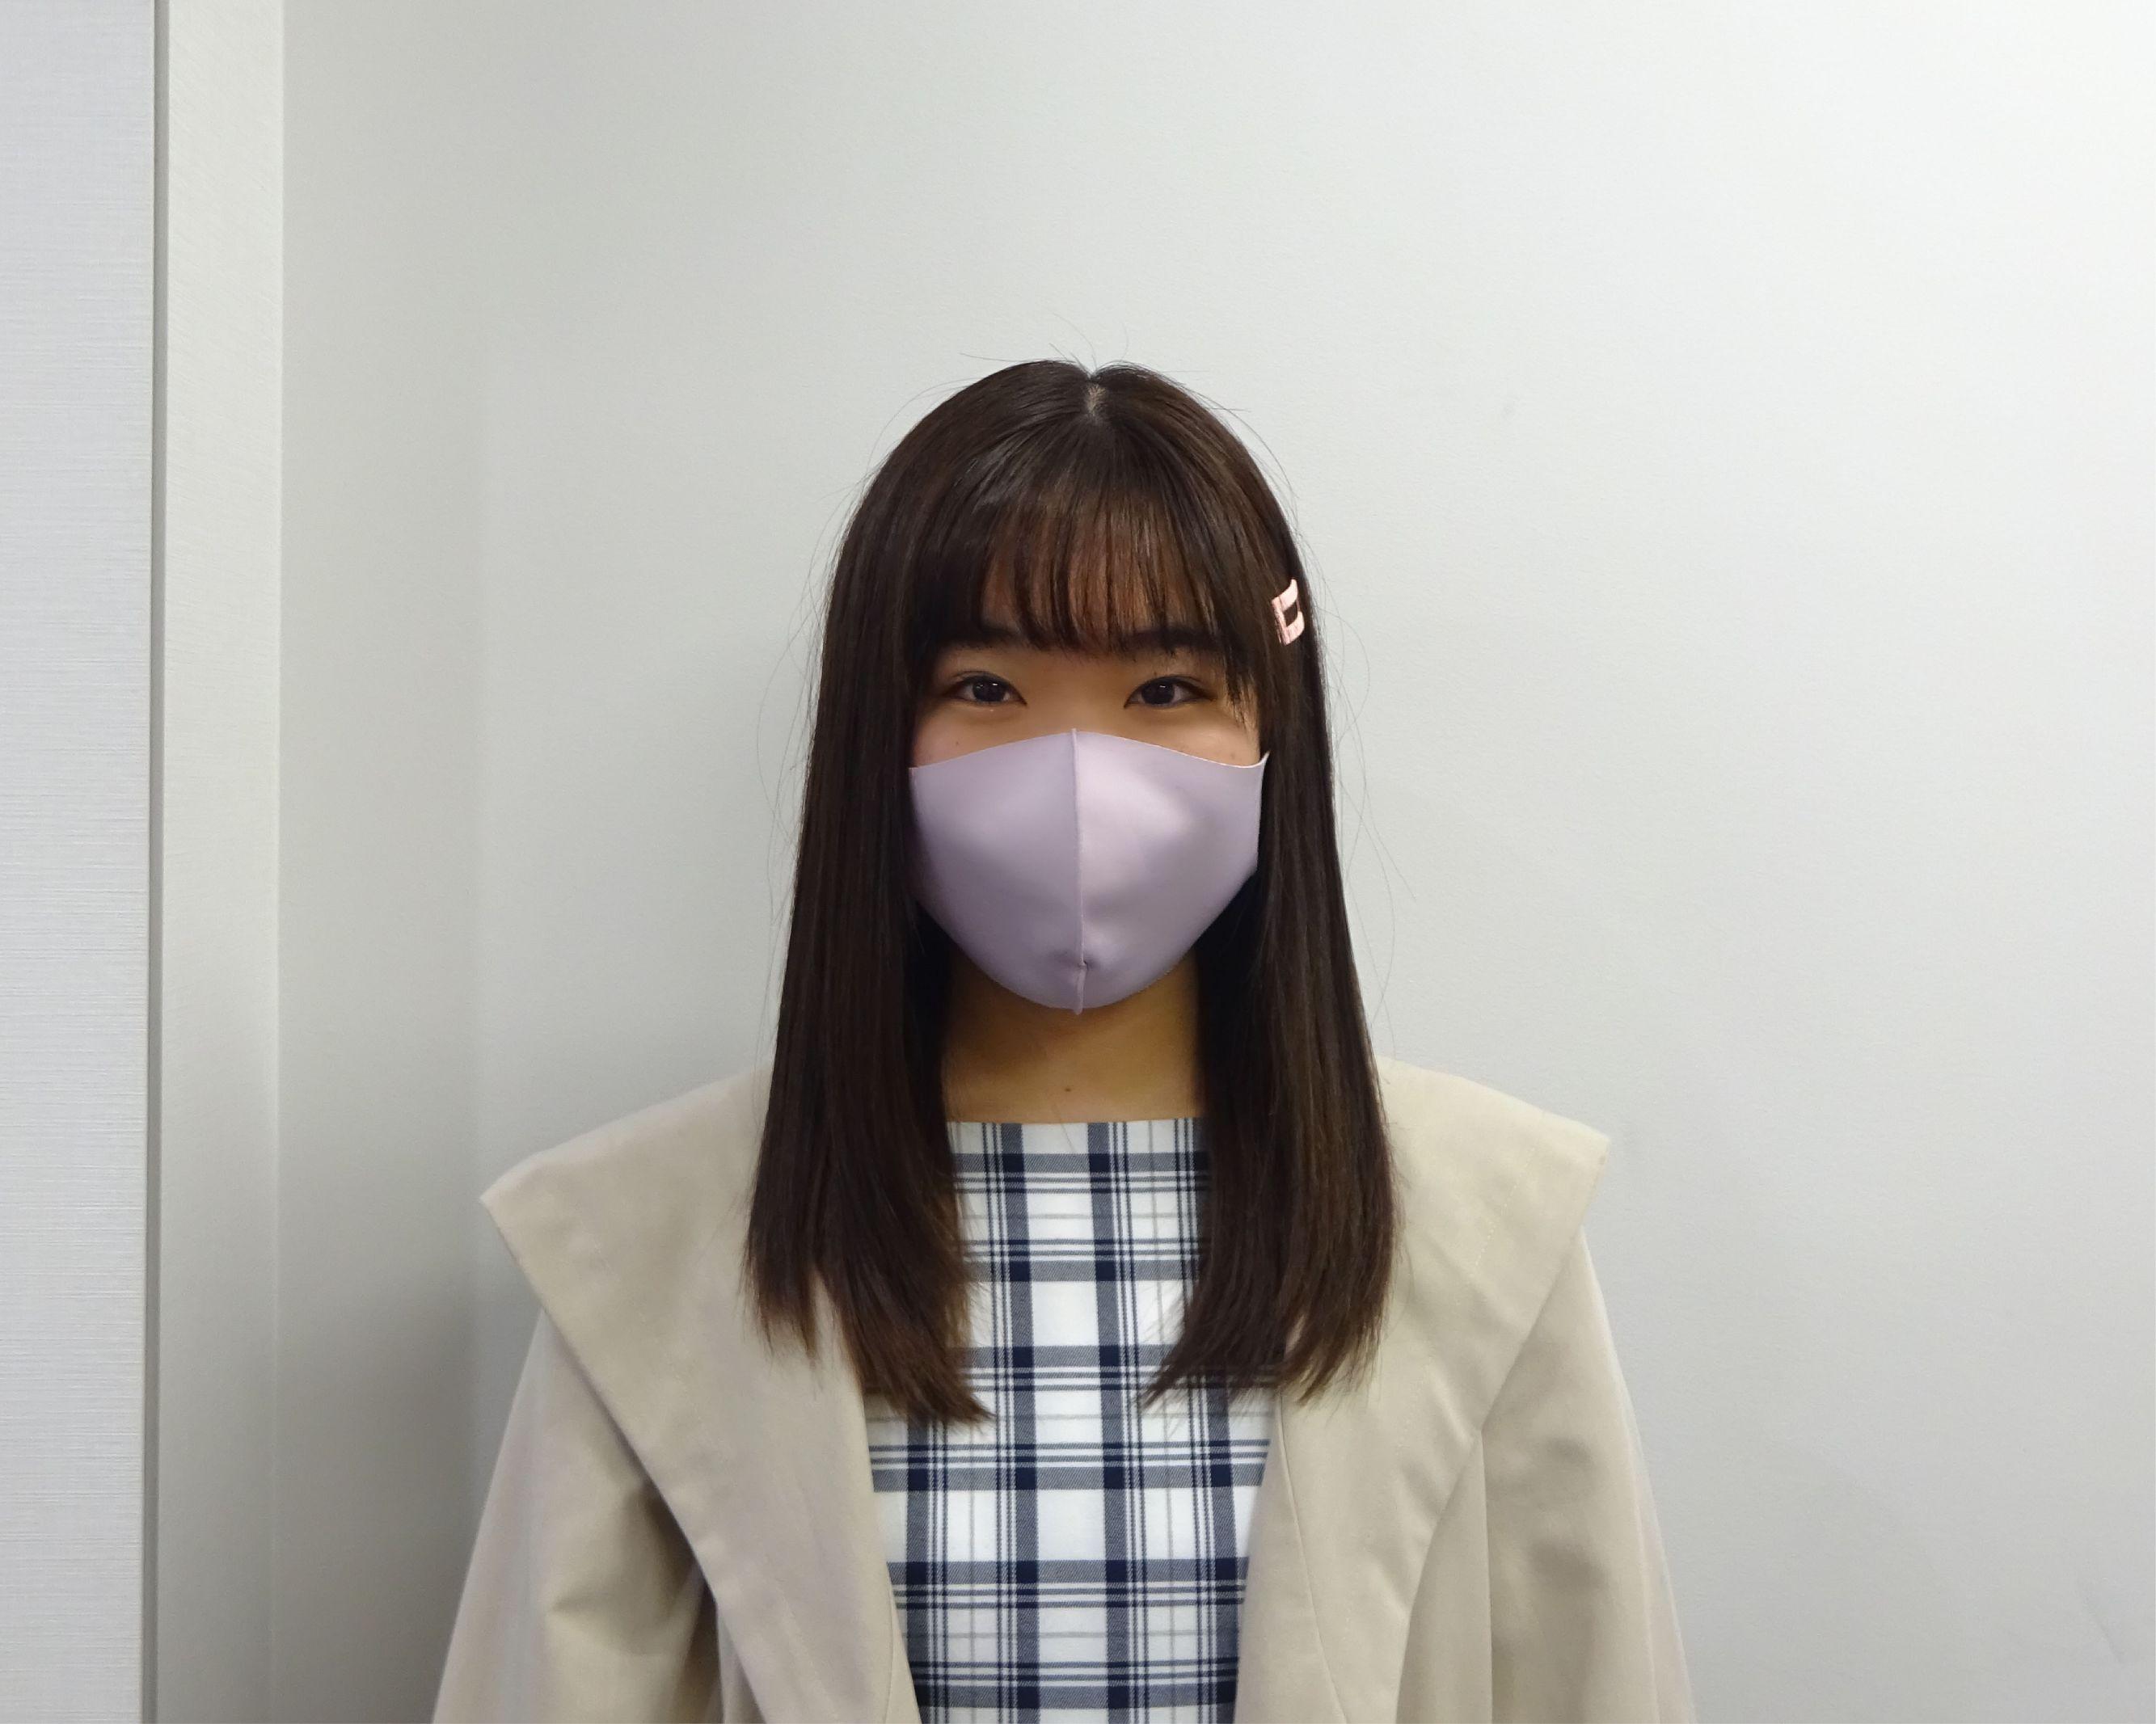 鈴木まりあさん